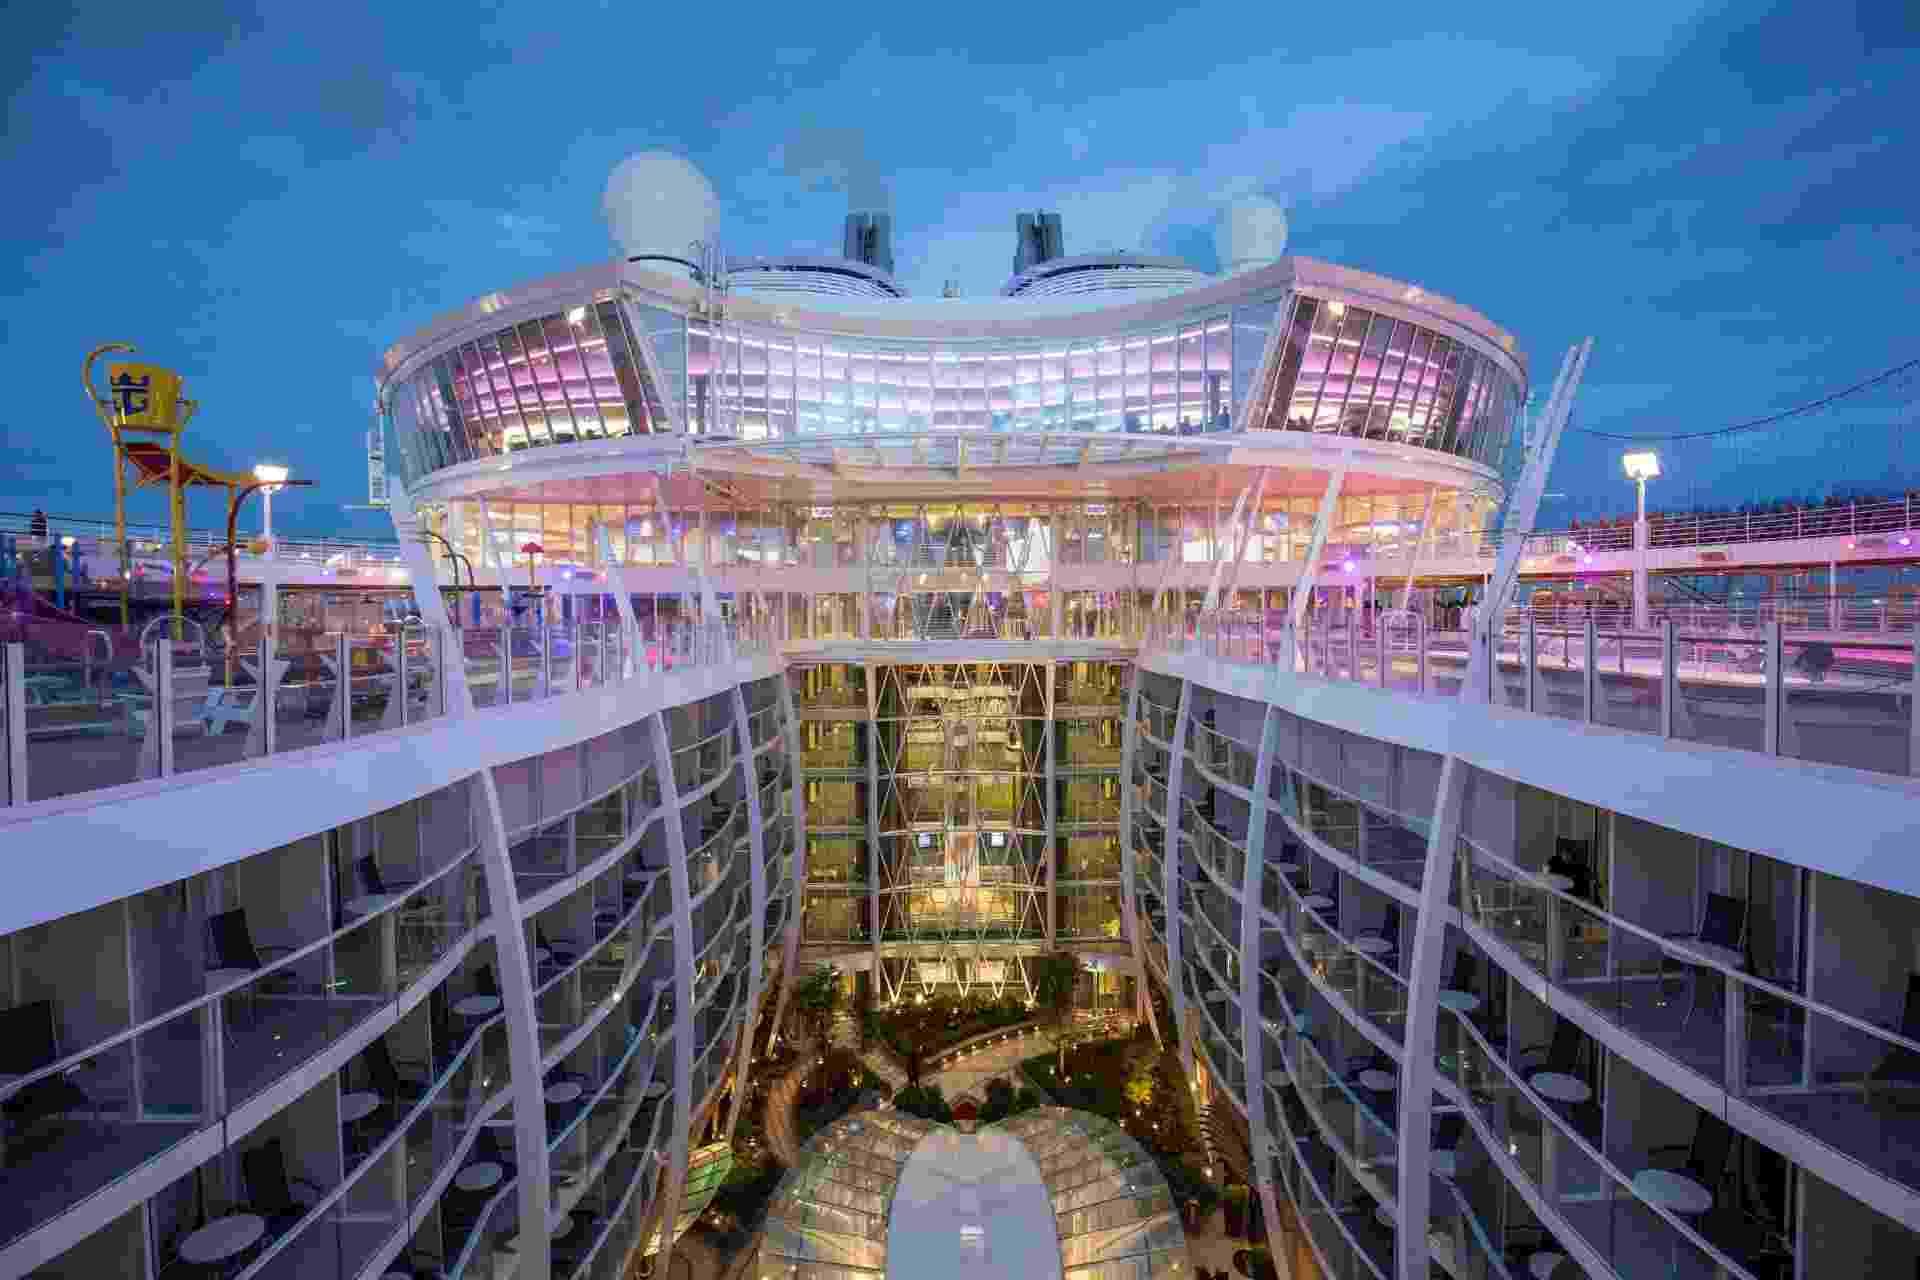 Maior navio de cruzeiro do mundo, o Harmony of the Seas tem 361,7 metros de comprimento, 66,4 metros de largura, 2.747 cabines e capacidade para 6.780 hóspedes - Divulgação/Royal Caribbean